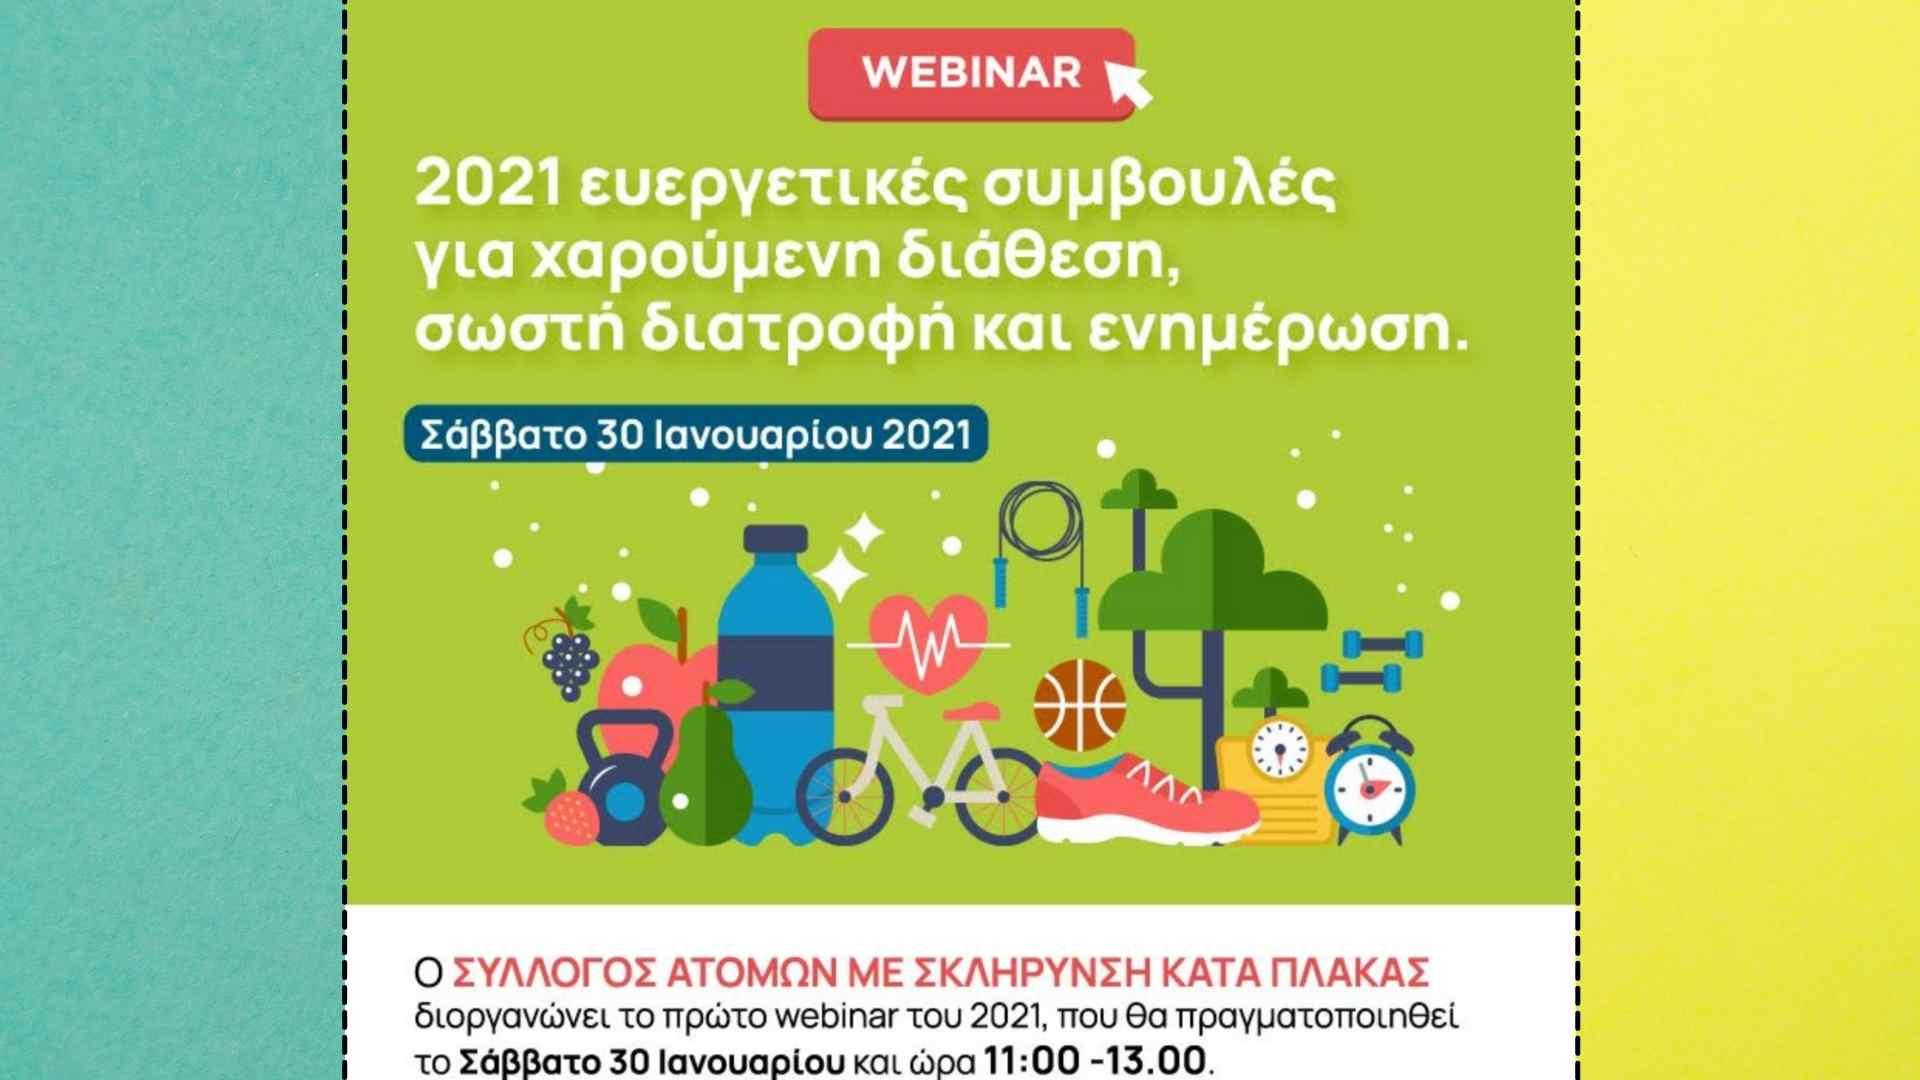 """Ο ΣΑμΣΚΠ θα πραγματοποιήσει webinar στις 30/01/21 με τίτλο: """"2021 ευεργετικές συμβουλές για χαρούμενη διάθεση, σωστή διατροφή και ενημέρωση"""""""